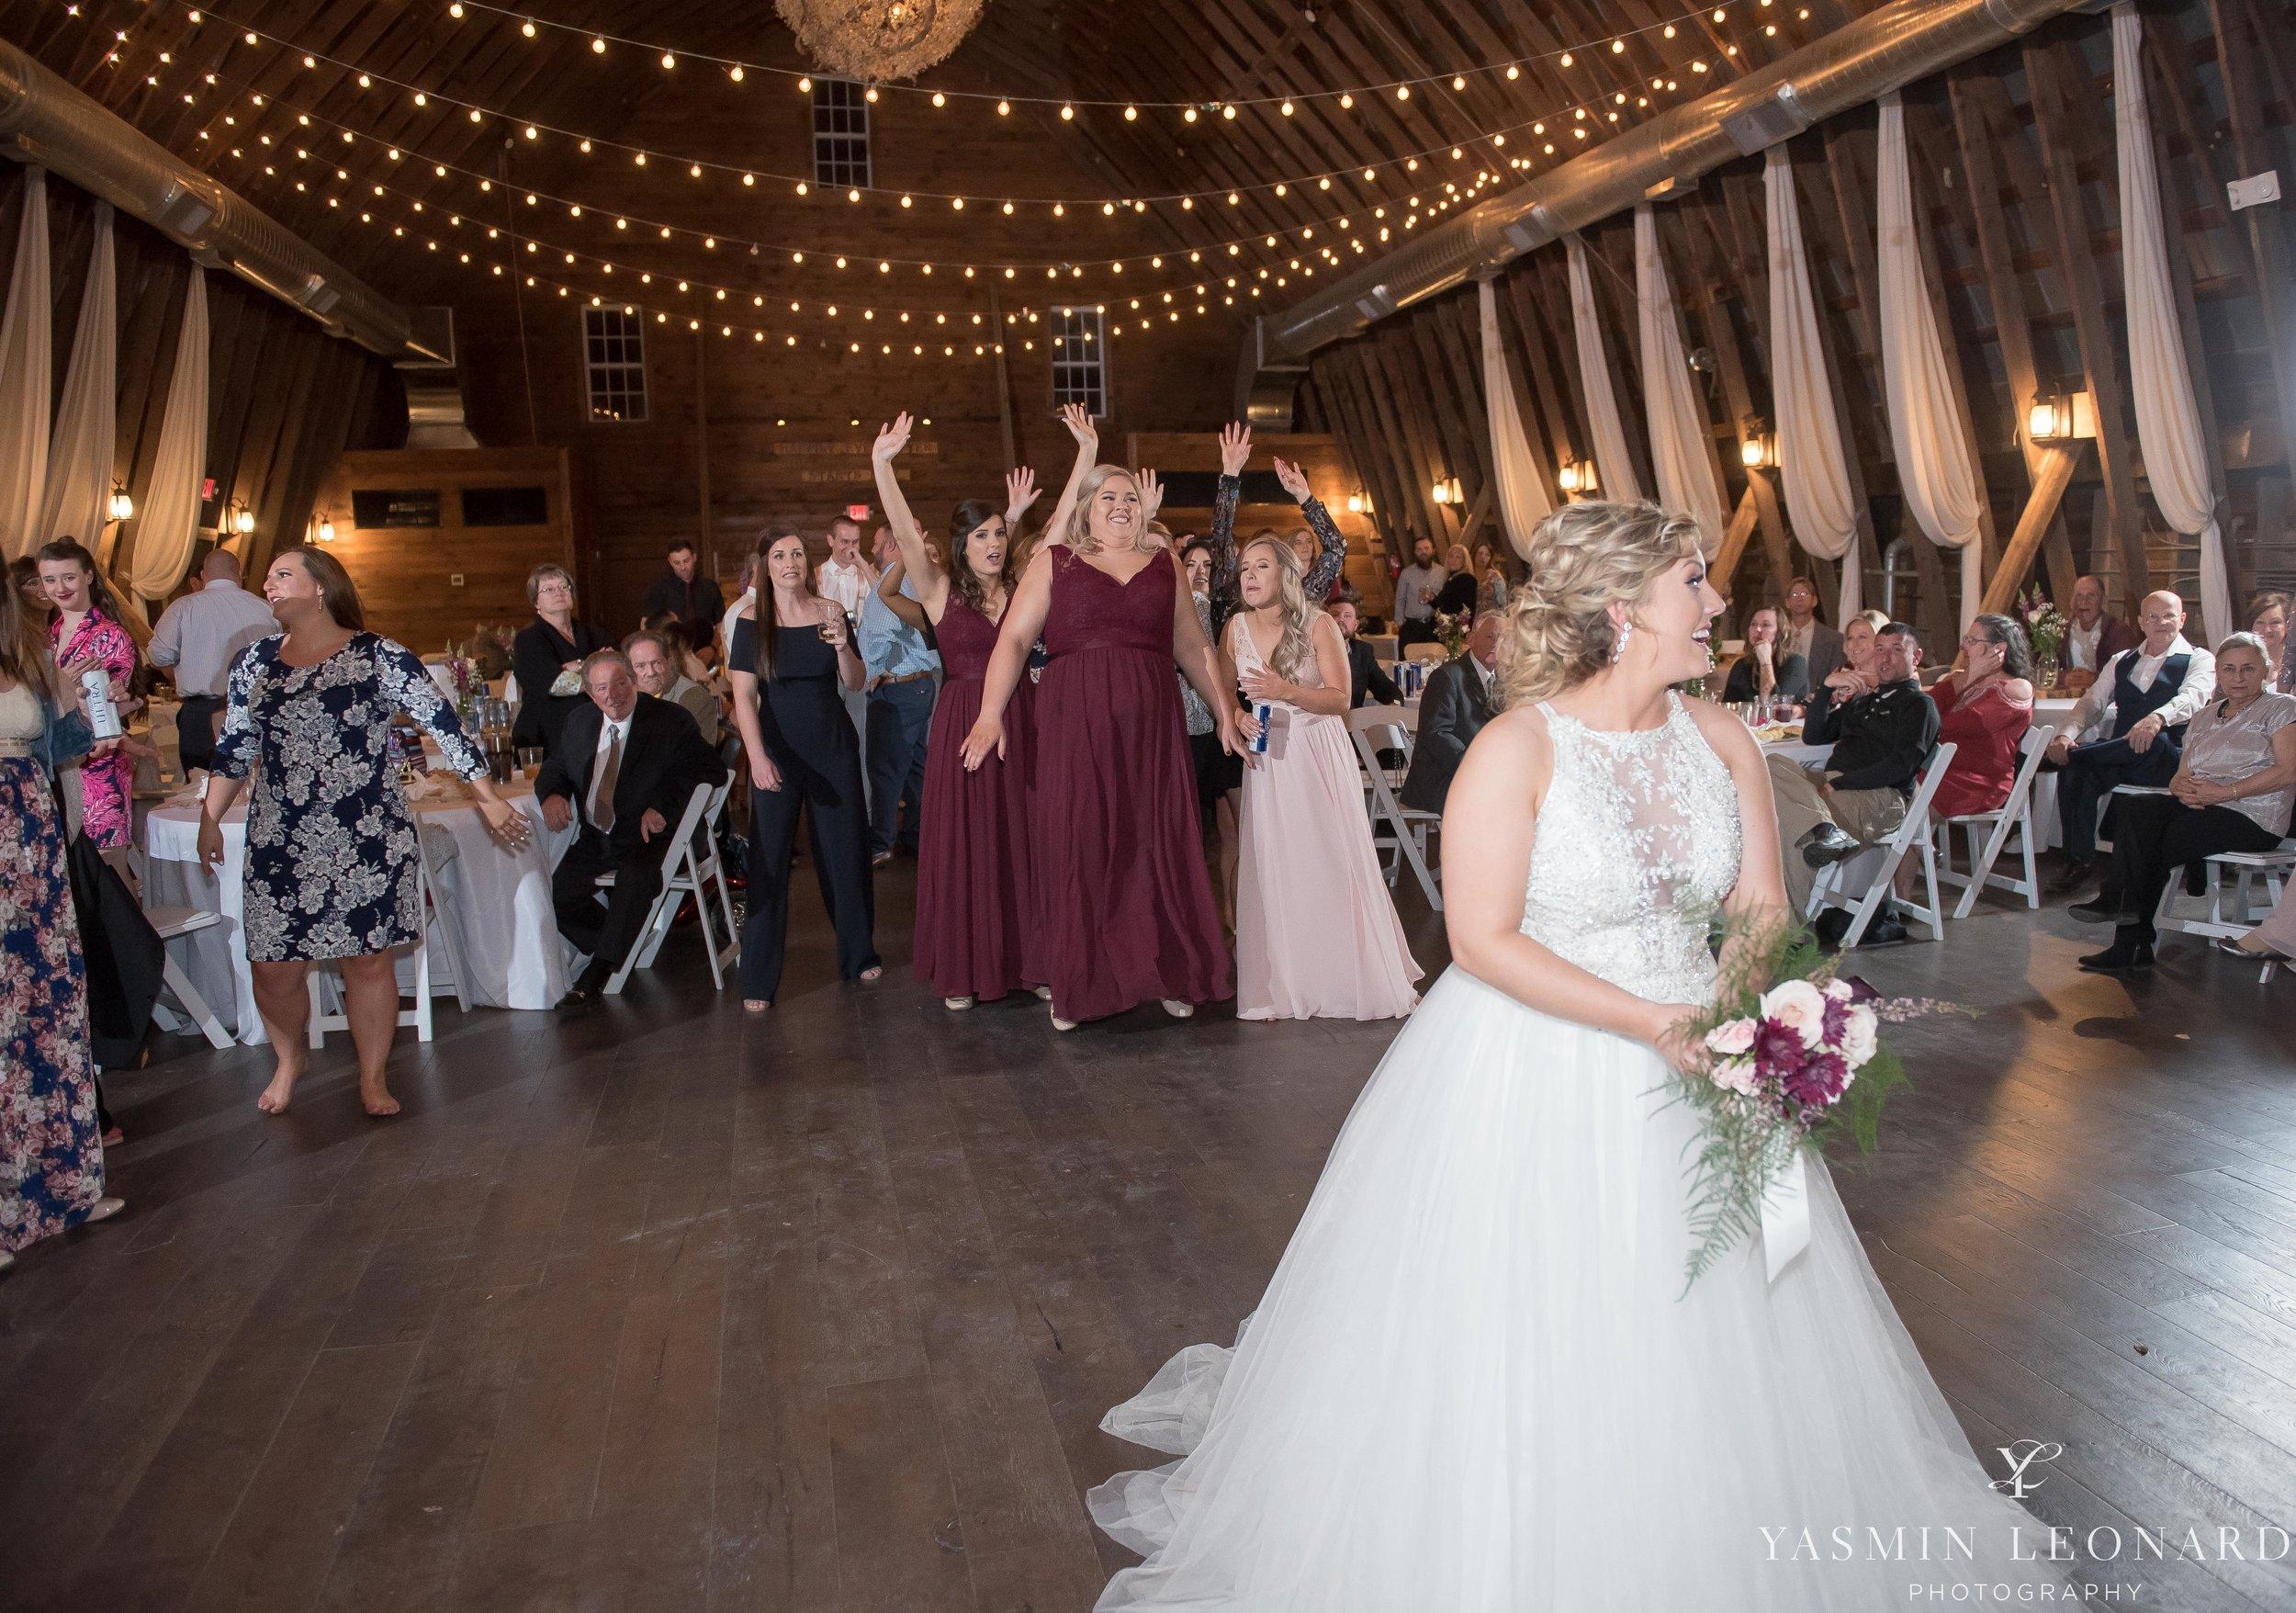 Millikan Farms - Millikan Farms Wedding - Sophia NC Wedding - NC Wedding - NC Wedding Photographer - Yasmin Leonard Photography - High Point Photographer - Barn Wedding - Wedding Venues in NC - Triad Wedding Photographer-82.jpg